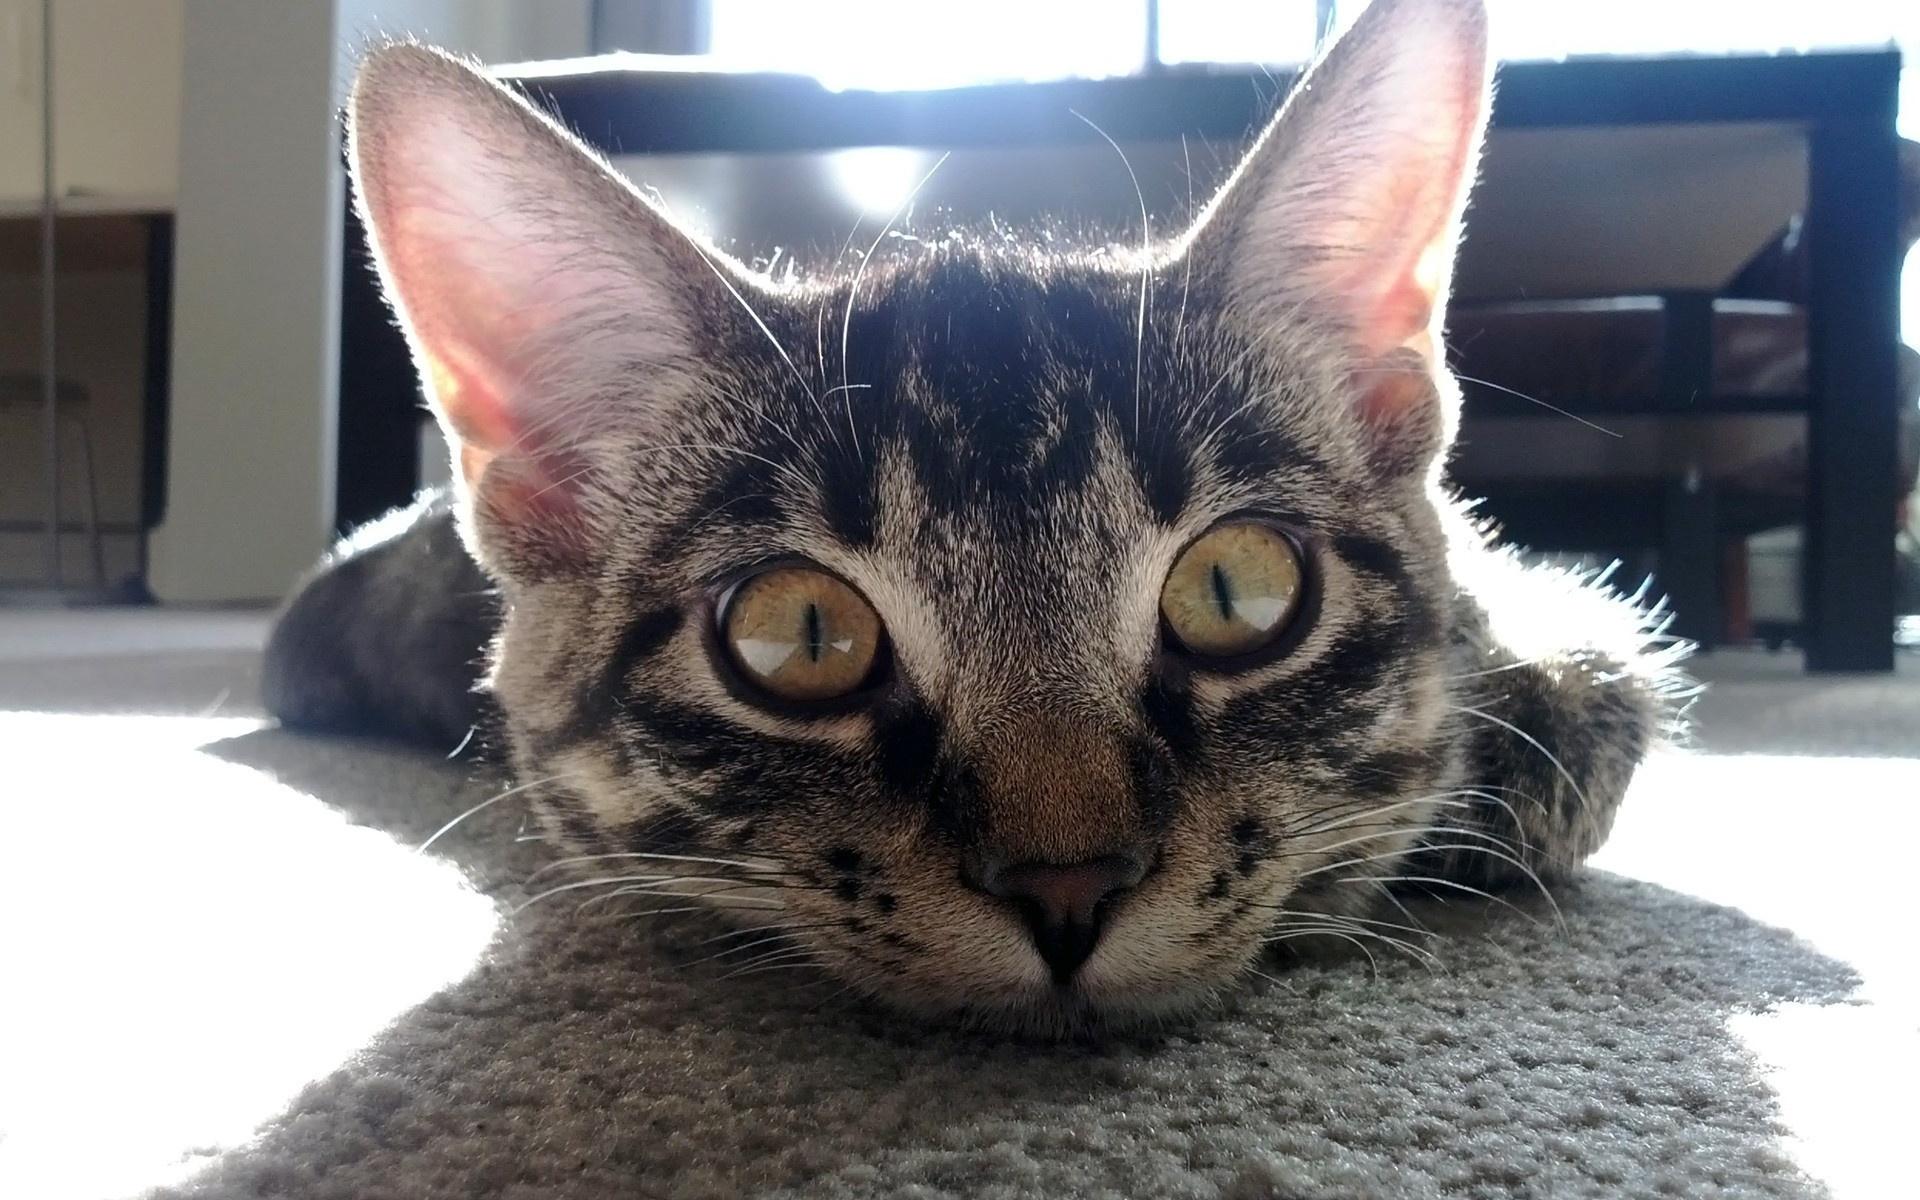 лучи, кот, Пол, стол, cat, уши, тень, комната, прикольный